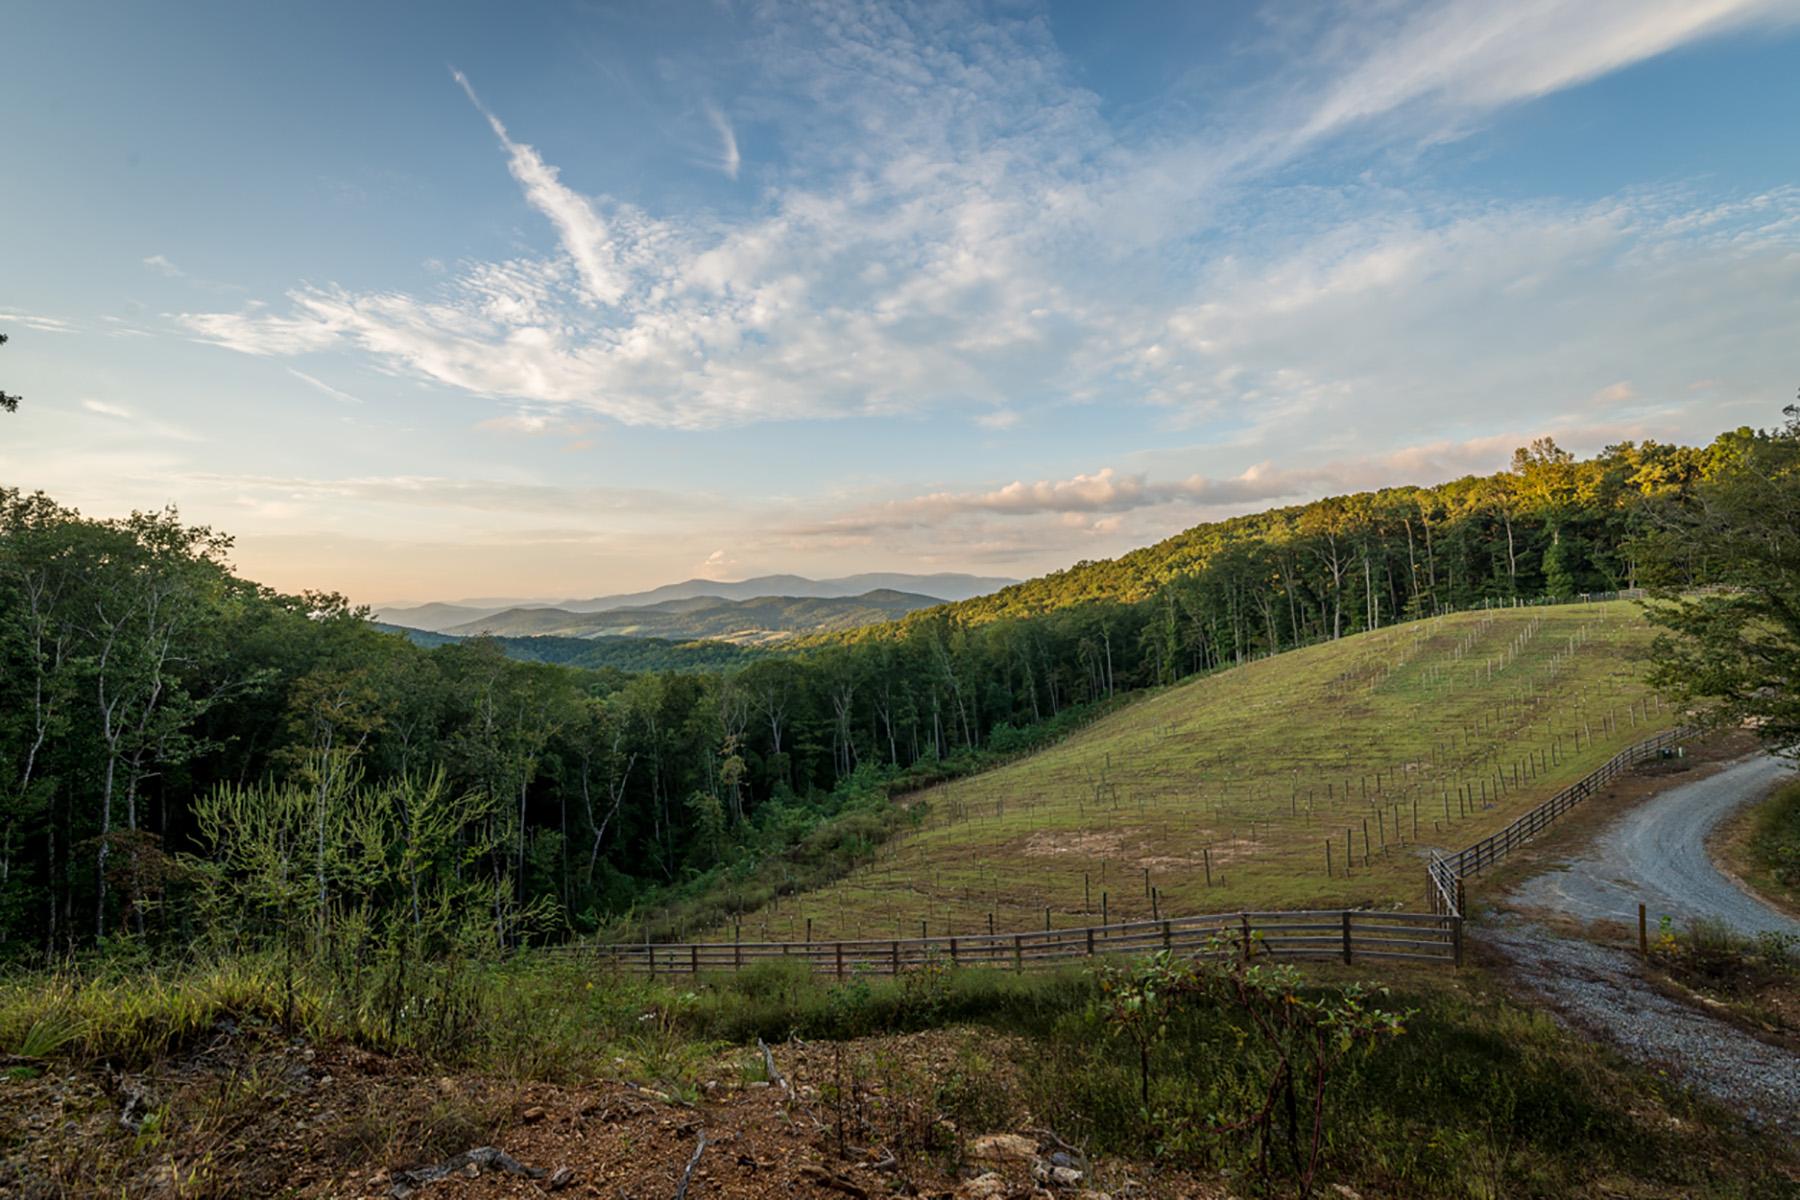 Οικόπεδο για την Πώληση στο Hard to Find 11 Acre Private Home Site With Vineyard Already Planted! 11 Old Burnt Mountain Ellijay, Γεωργια 30560 Ηνωμενεσ Πολιτειεσ